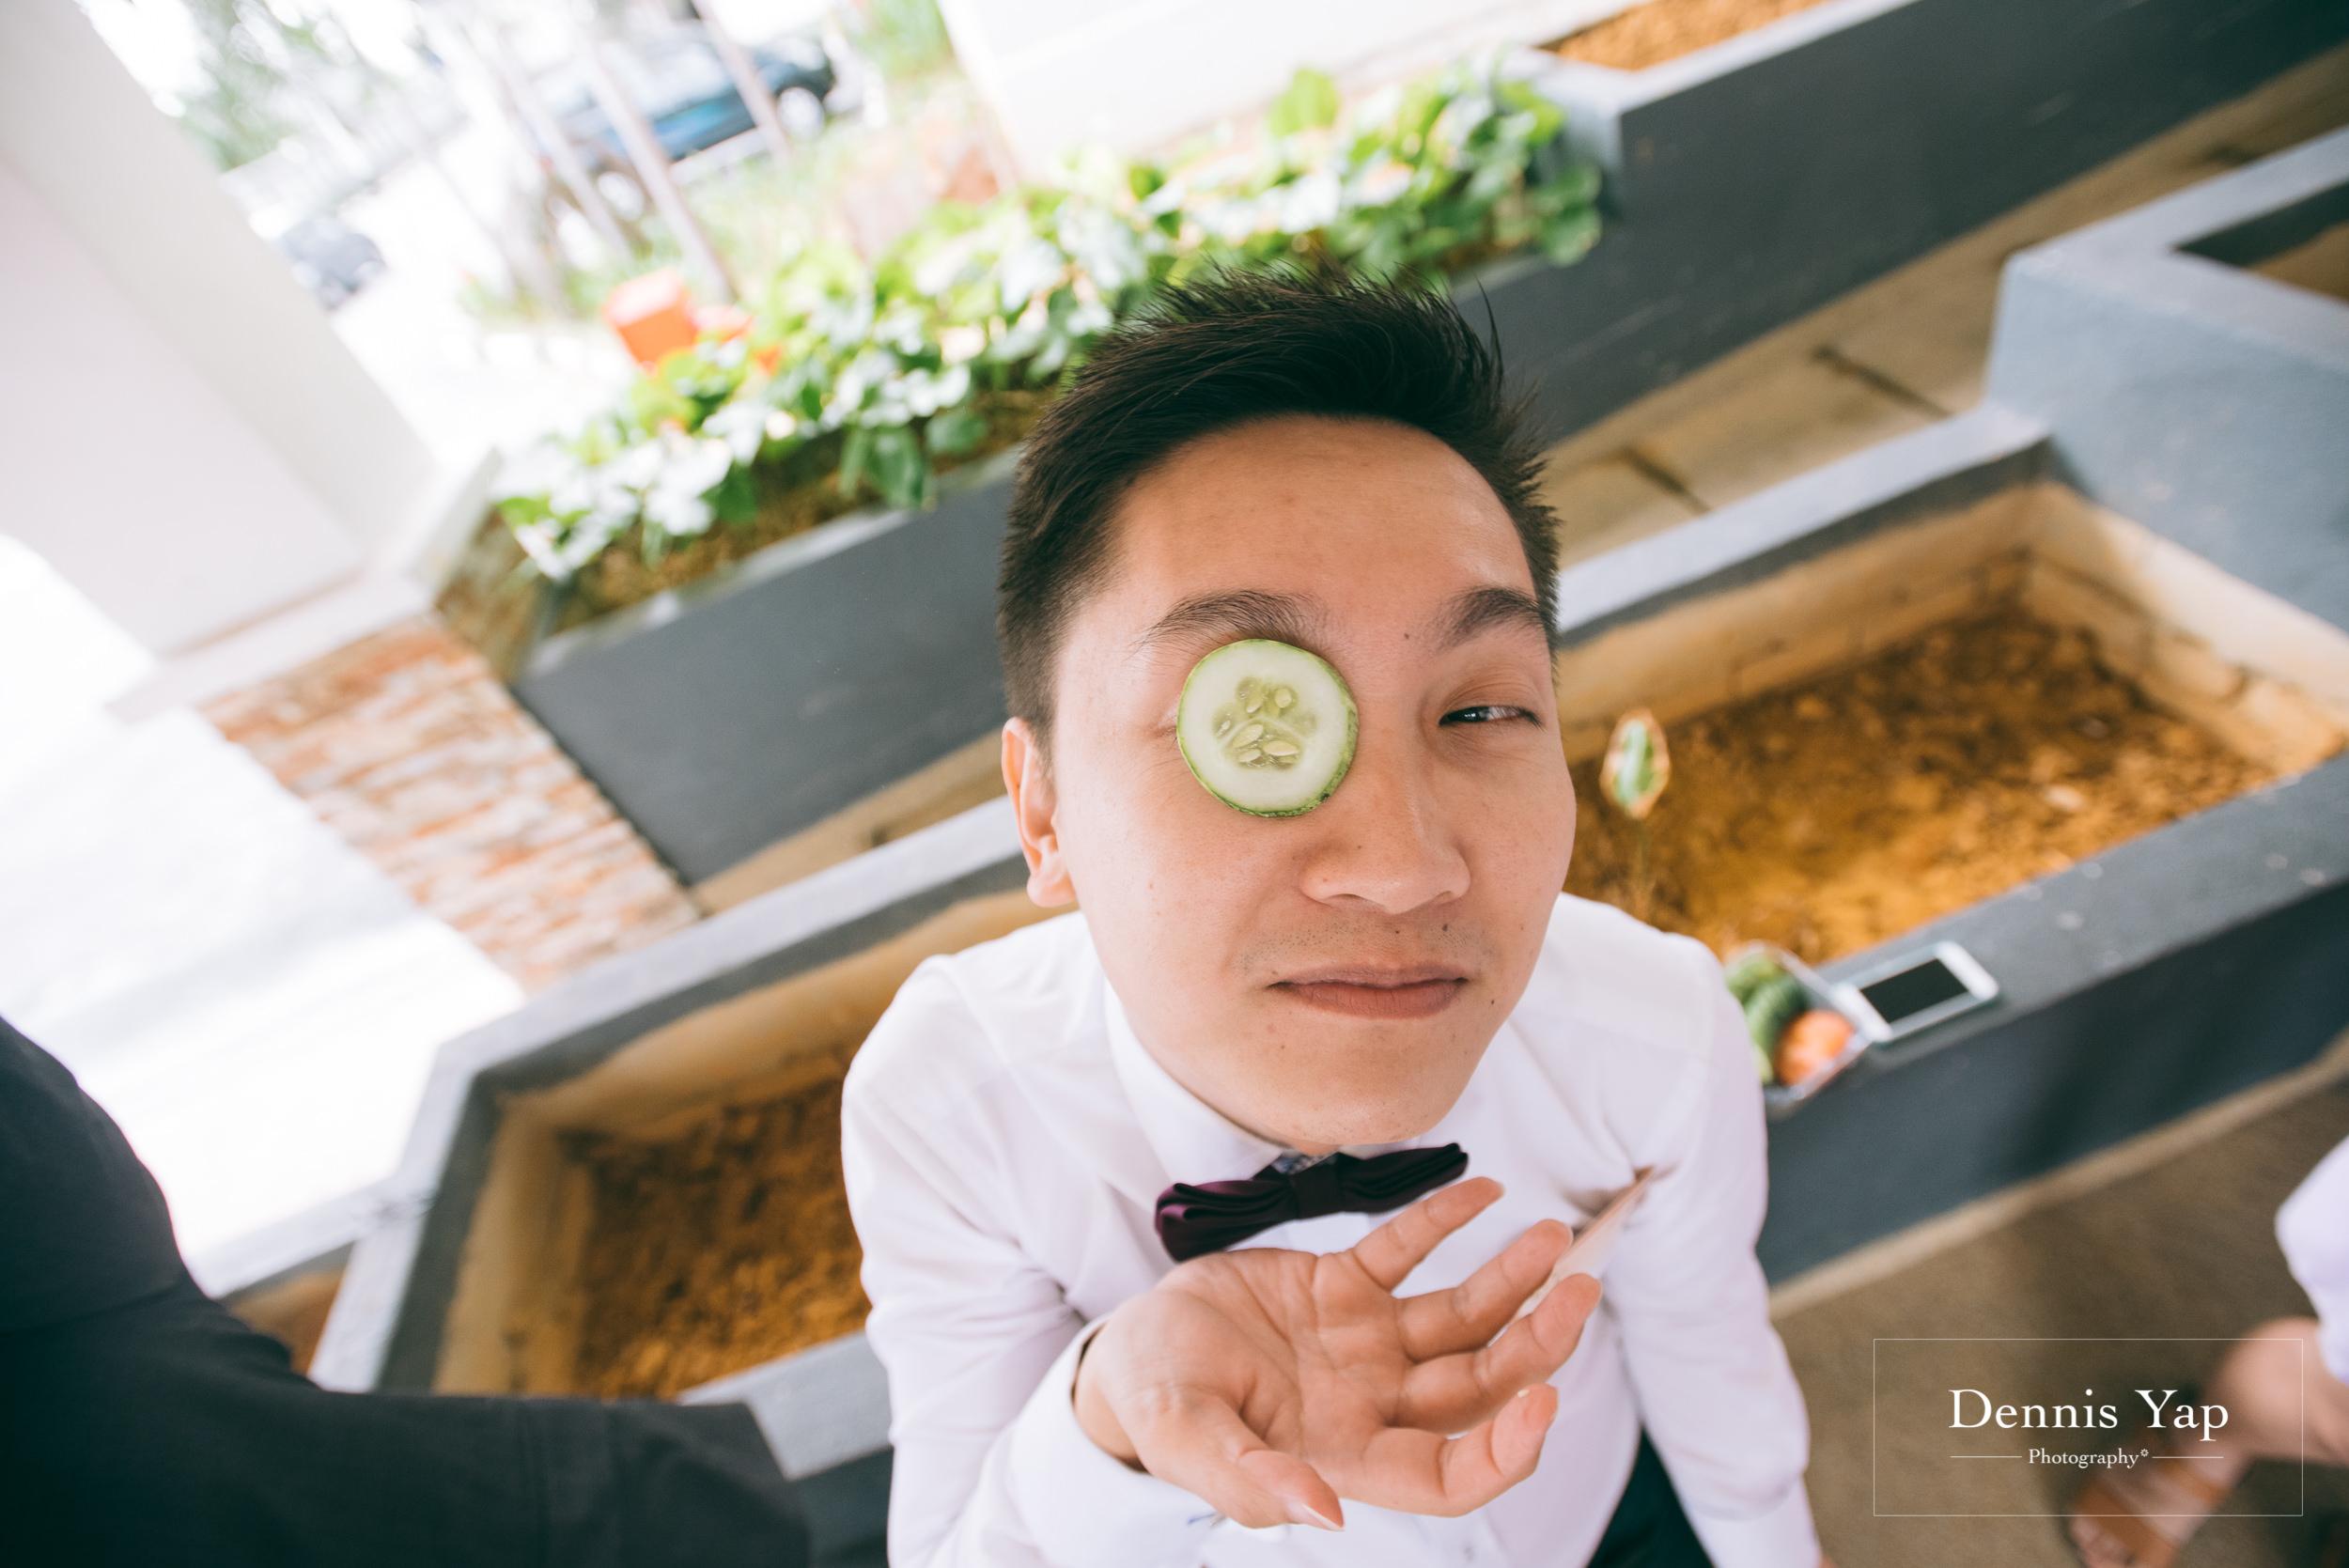 hwa sean jing yee wedding day dennis yap photography-71.jpg